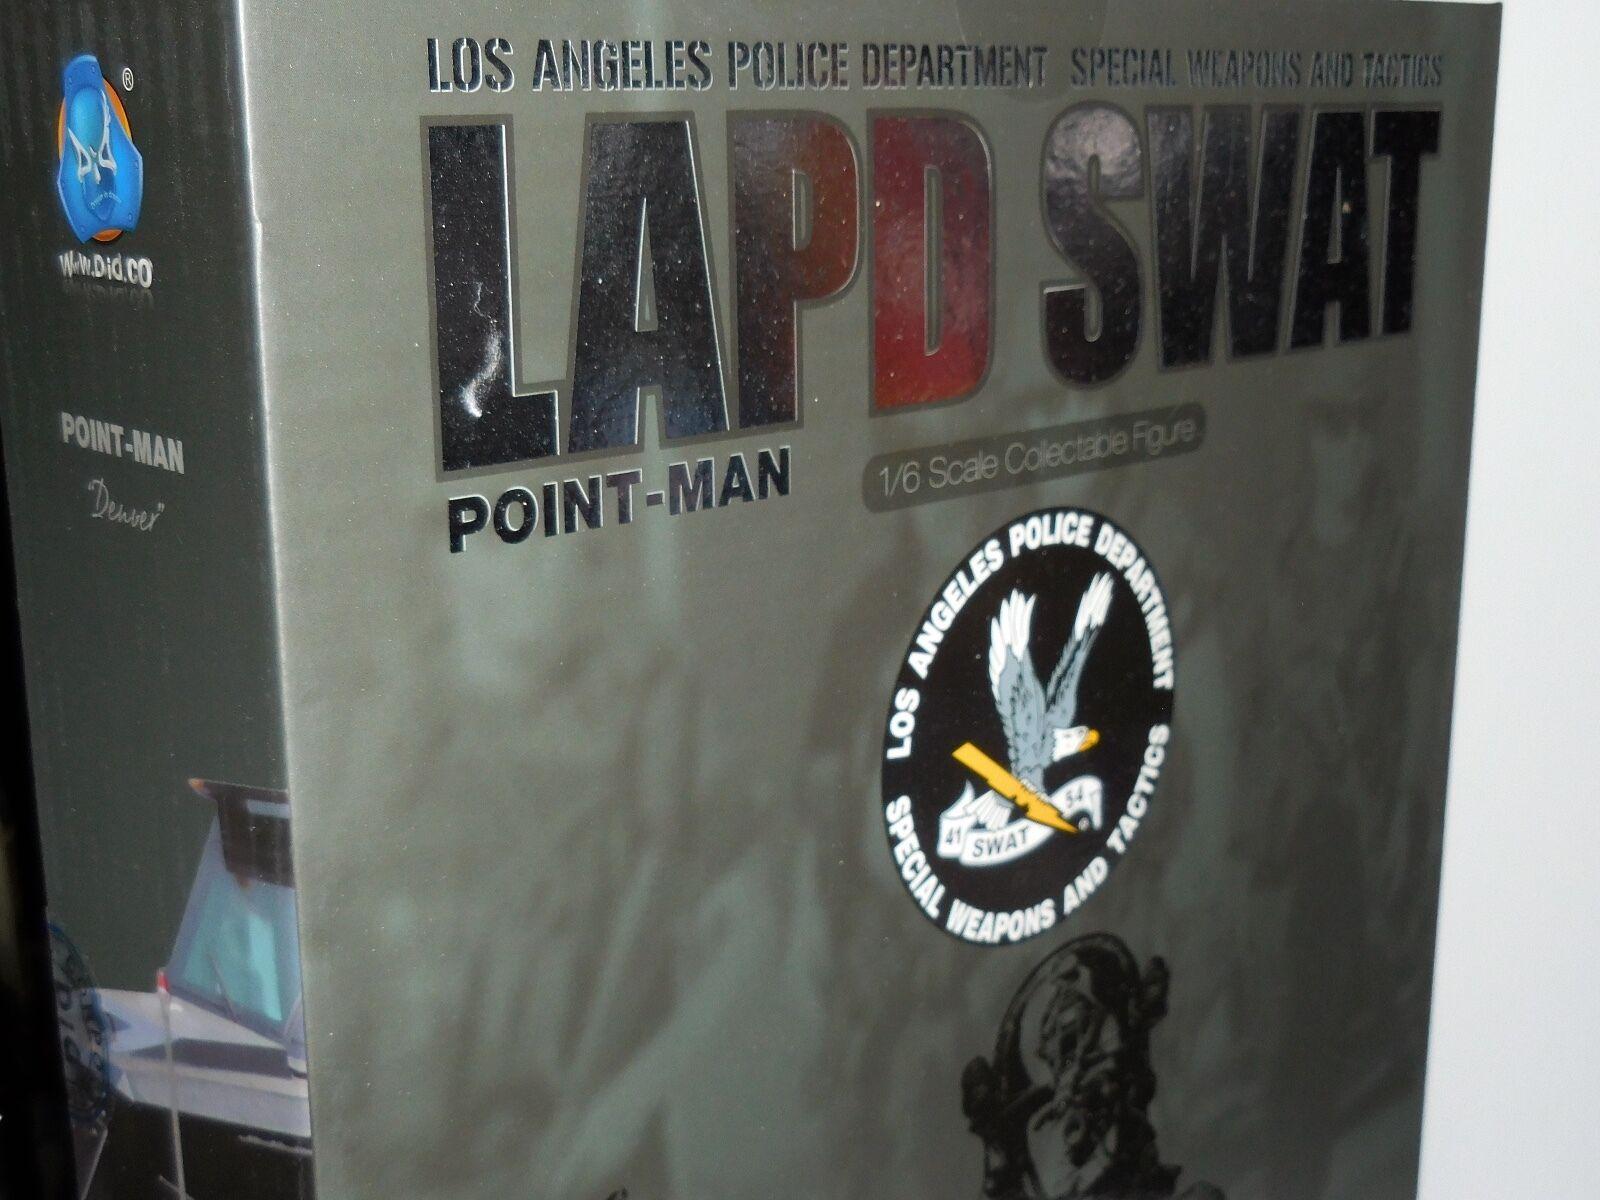 DID LAPD SWAT POINT MAN DENVER BOX FIGURE 1/6 ACTION FIGURE TOYS